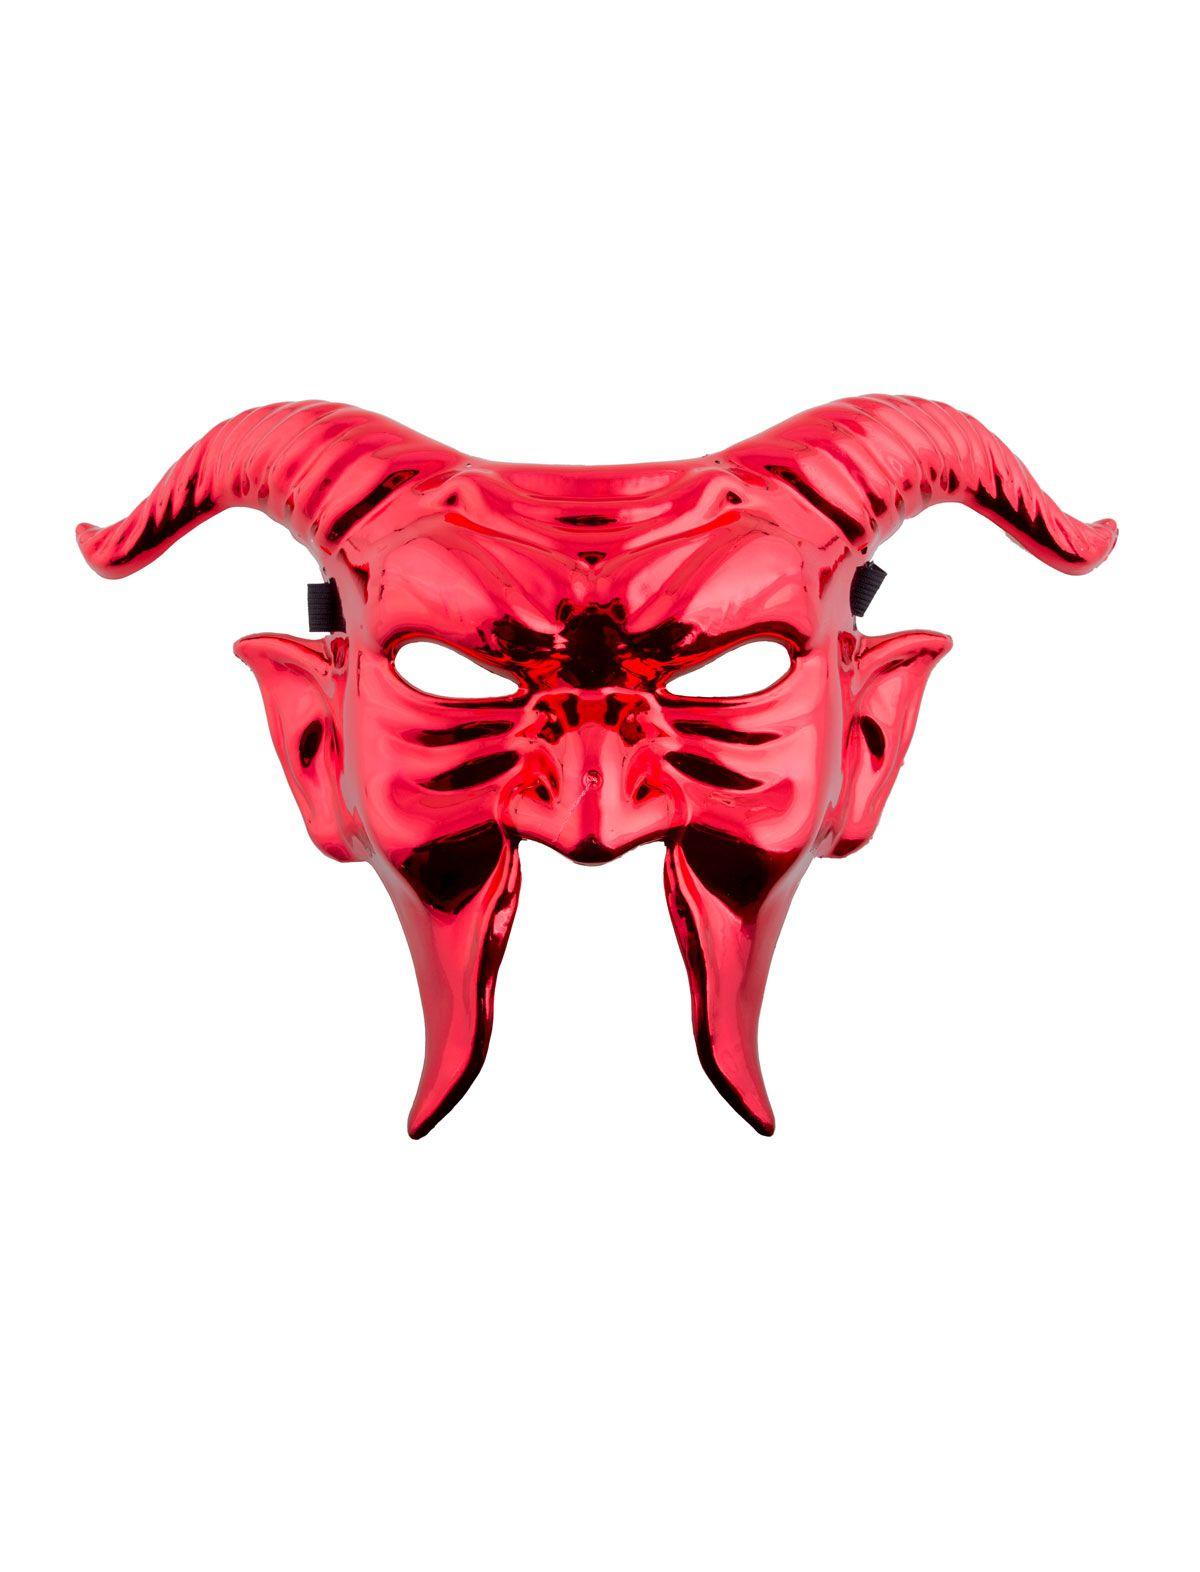 Halbmaske roter Teufel mit Hörnern